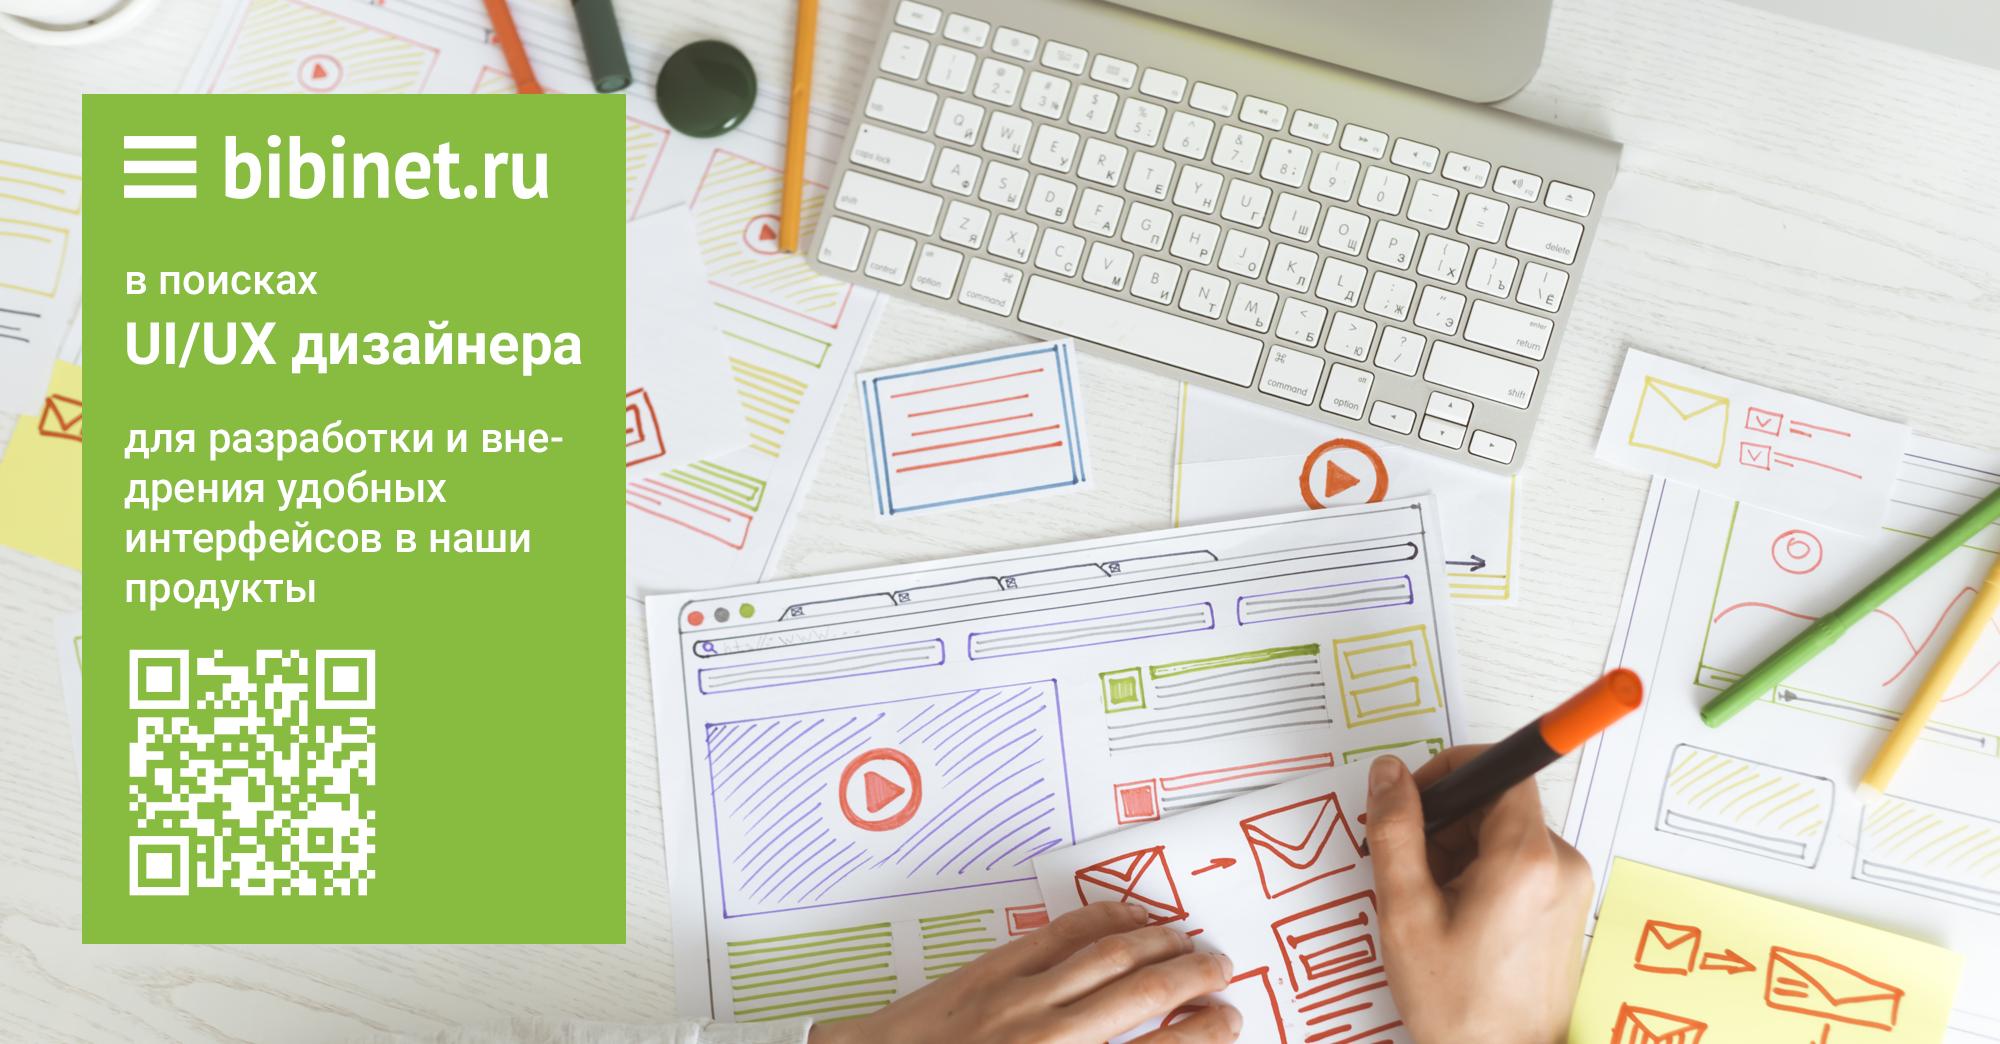 Ищем дизайнера интерфейсов (UX/UI дизайнер)